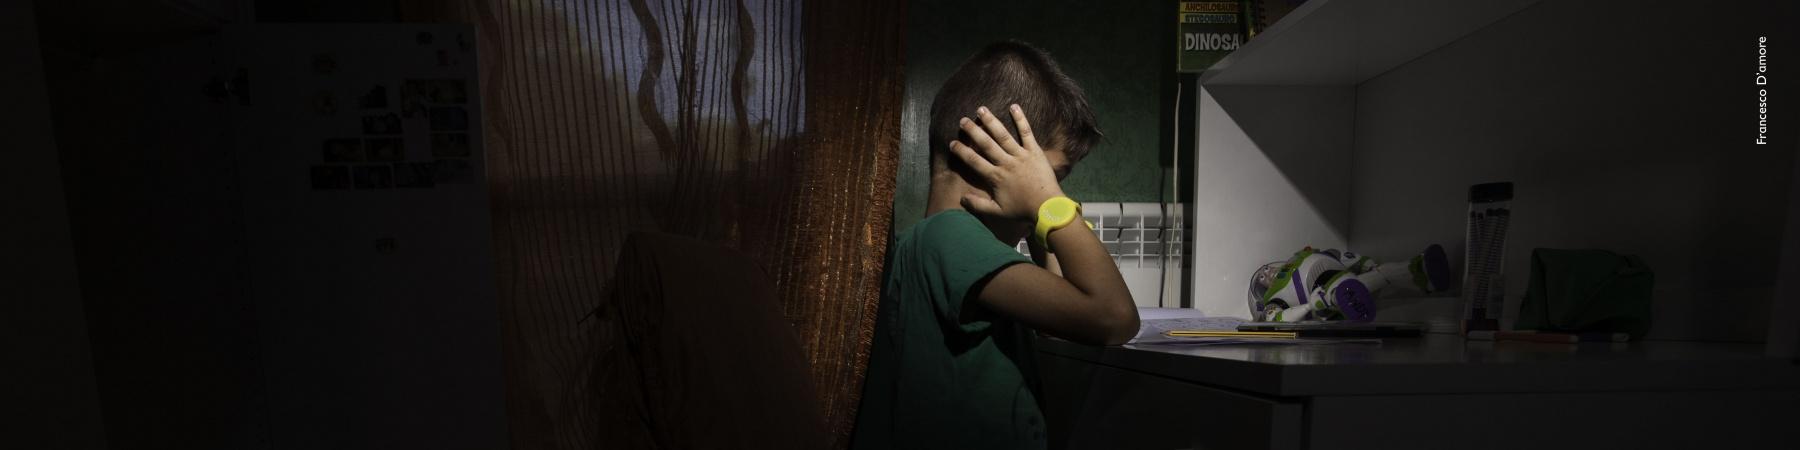 Bambino nella sua stanza buia si copre le orecchie con le mani